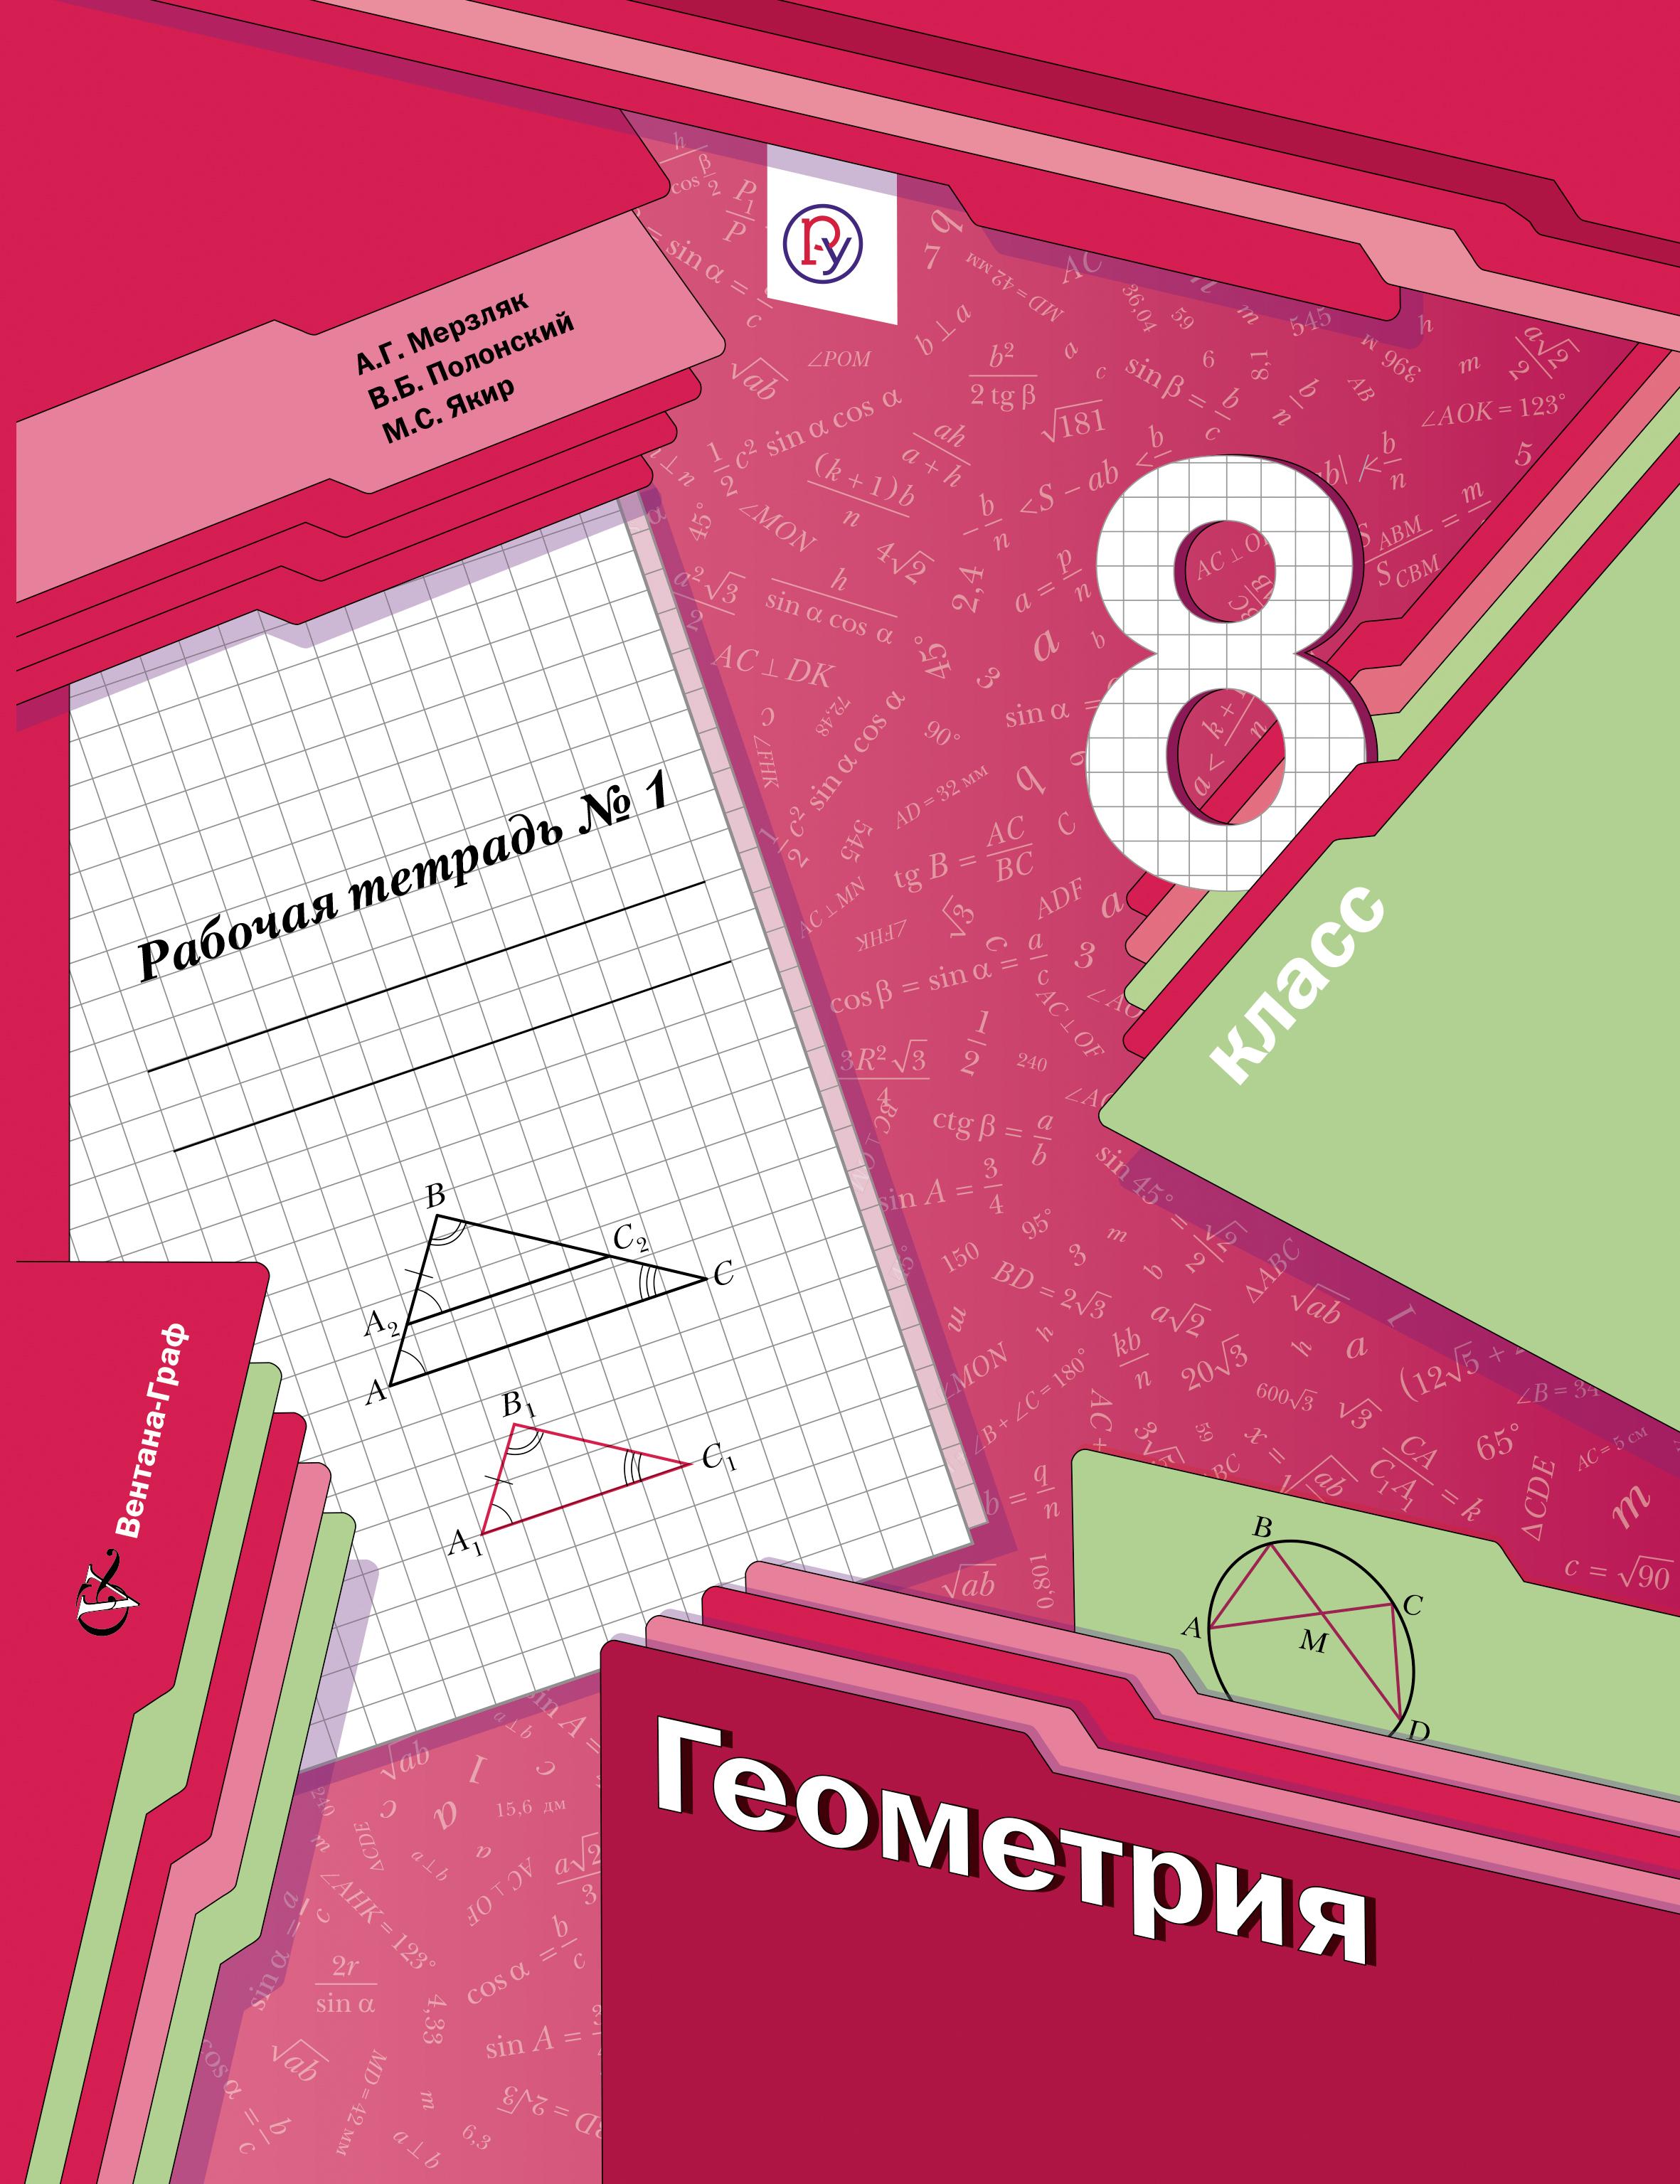 Геометрия. 8класс. Рабочая тетрадь № 1